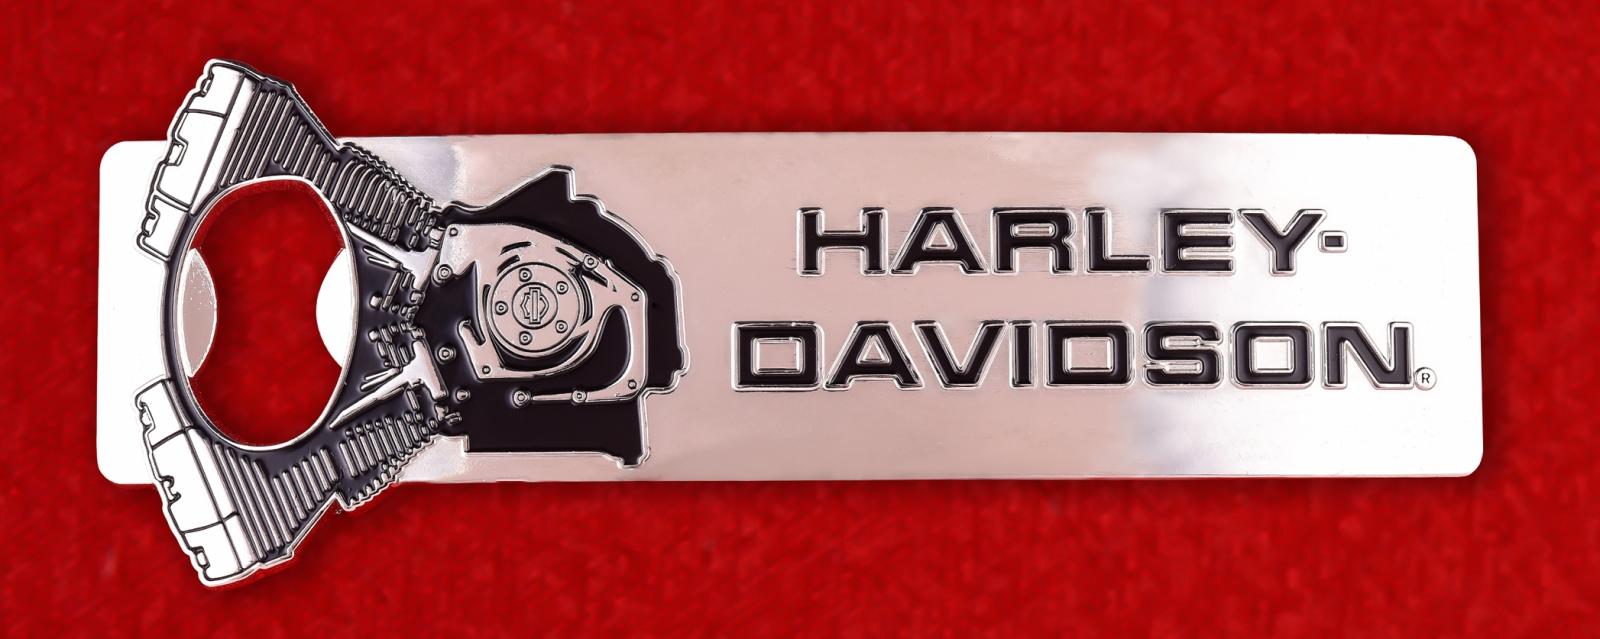 Открывашка Harley Davidson